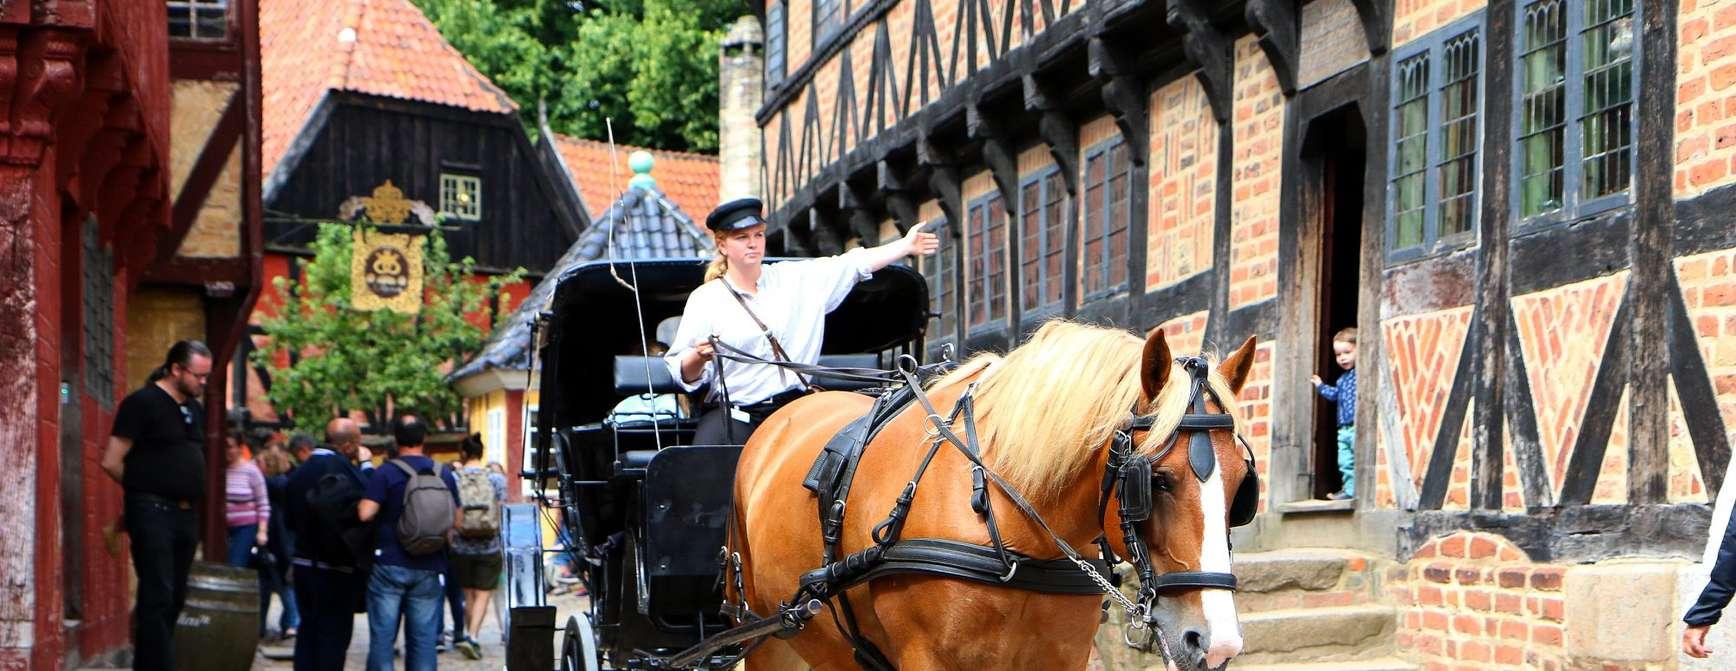 Bilde av hest og kjerre på brostein blant gamle hus